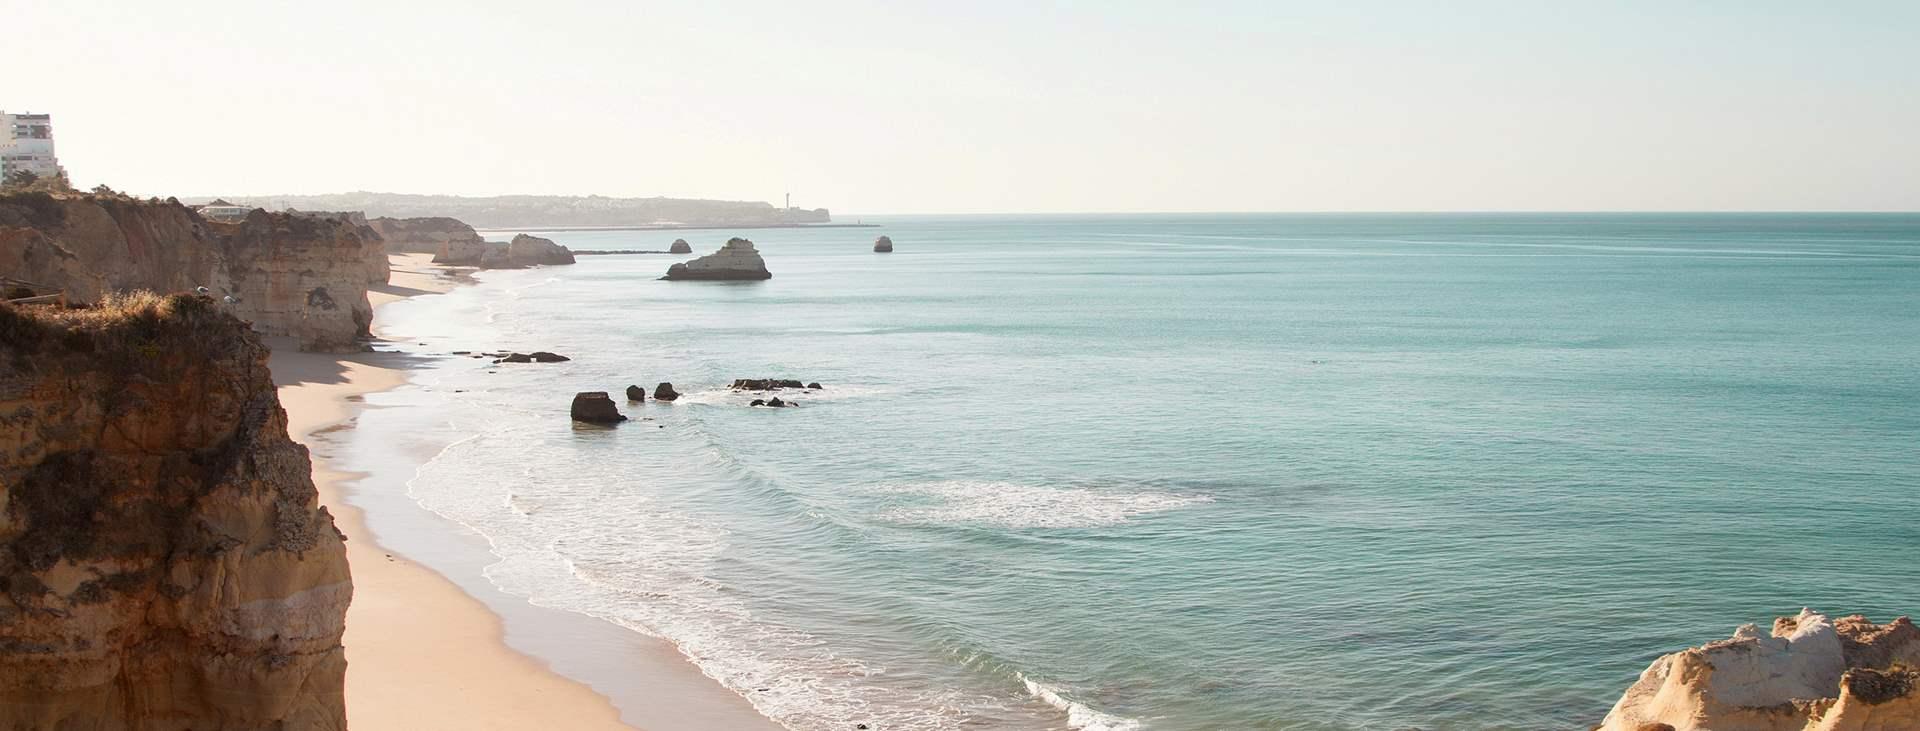 Boka en resa till Portugal med flyg och hotell